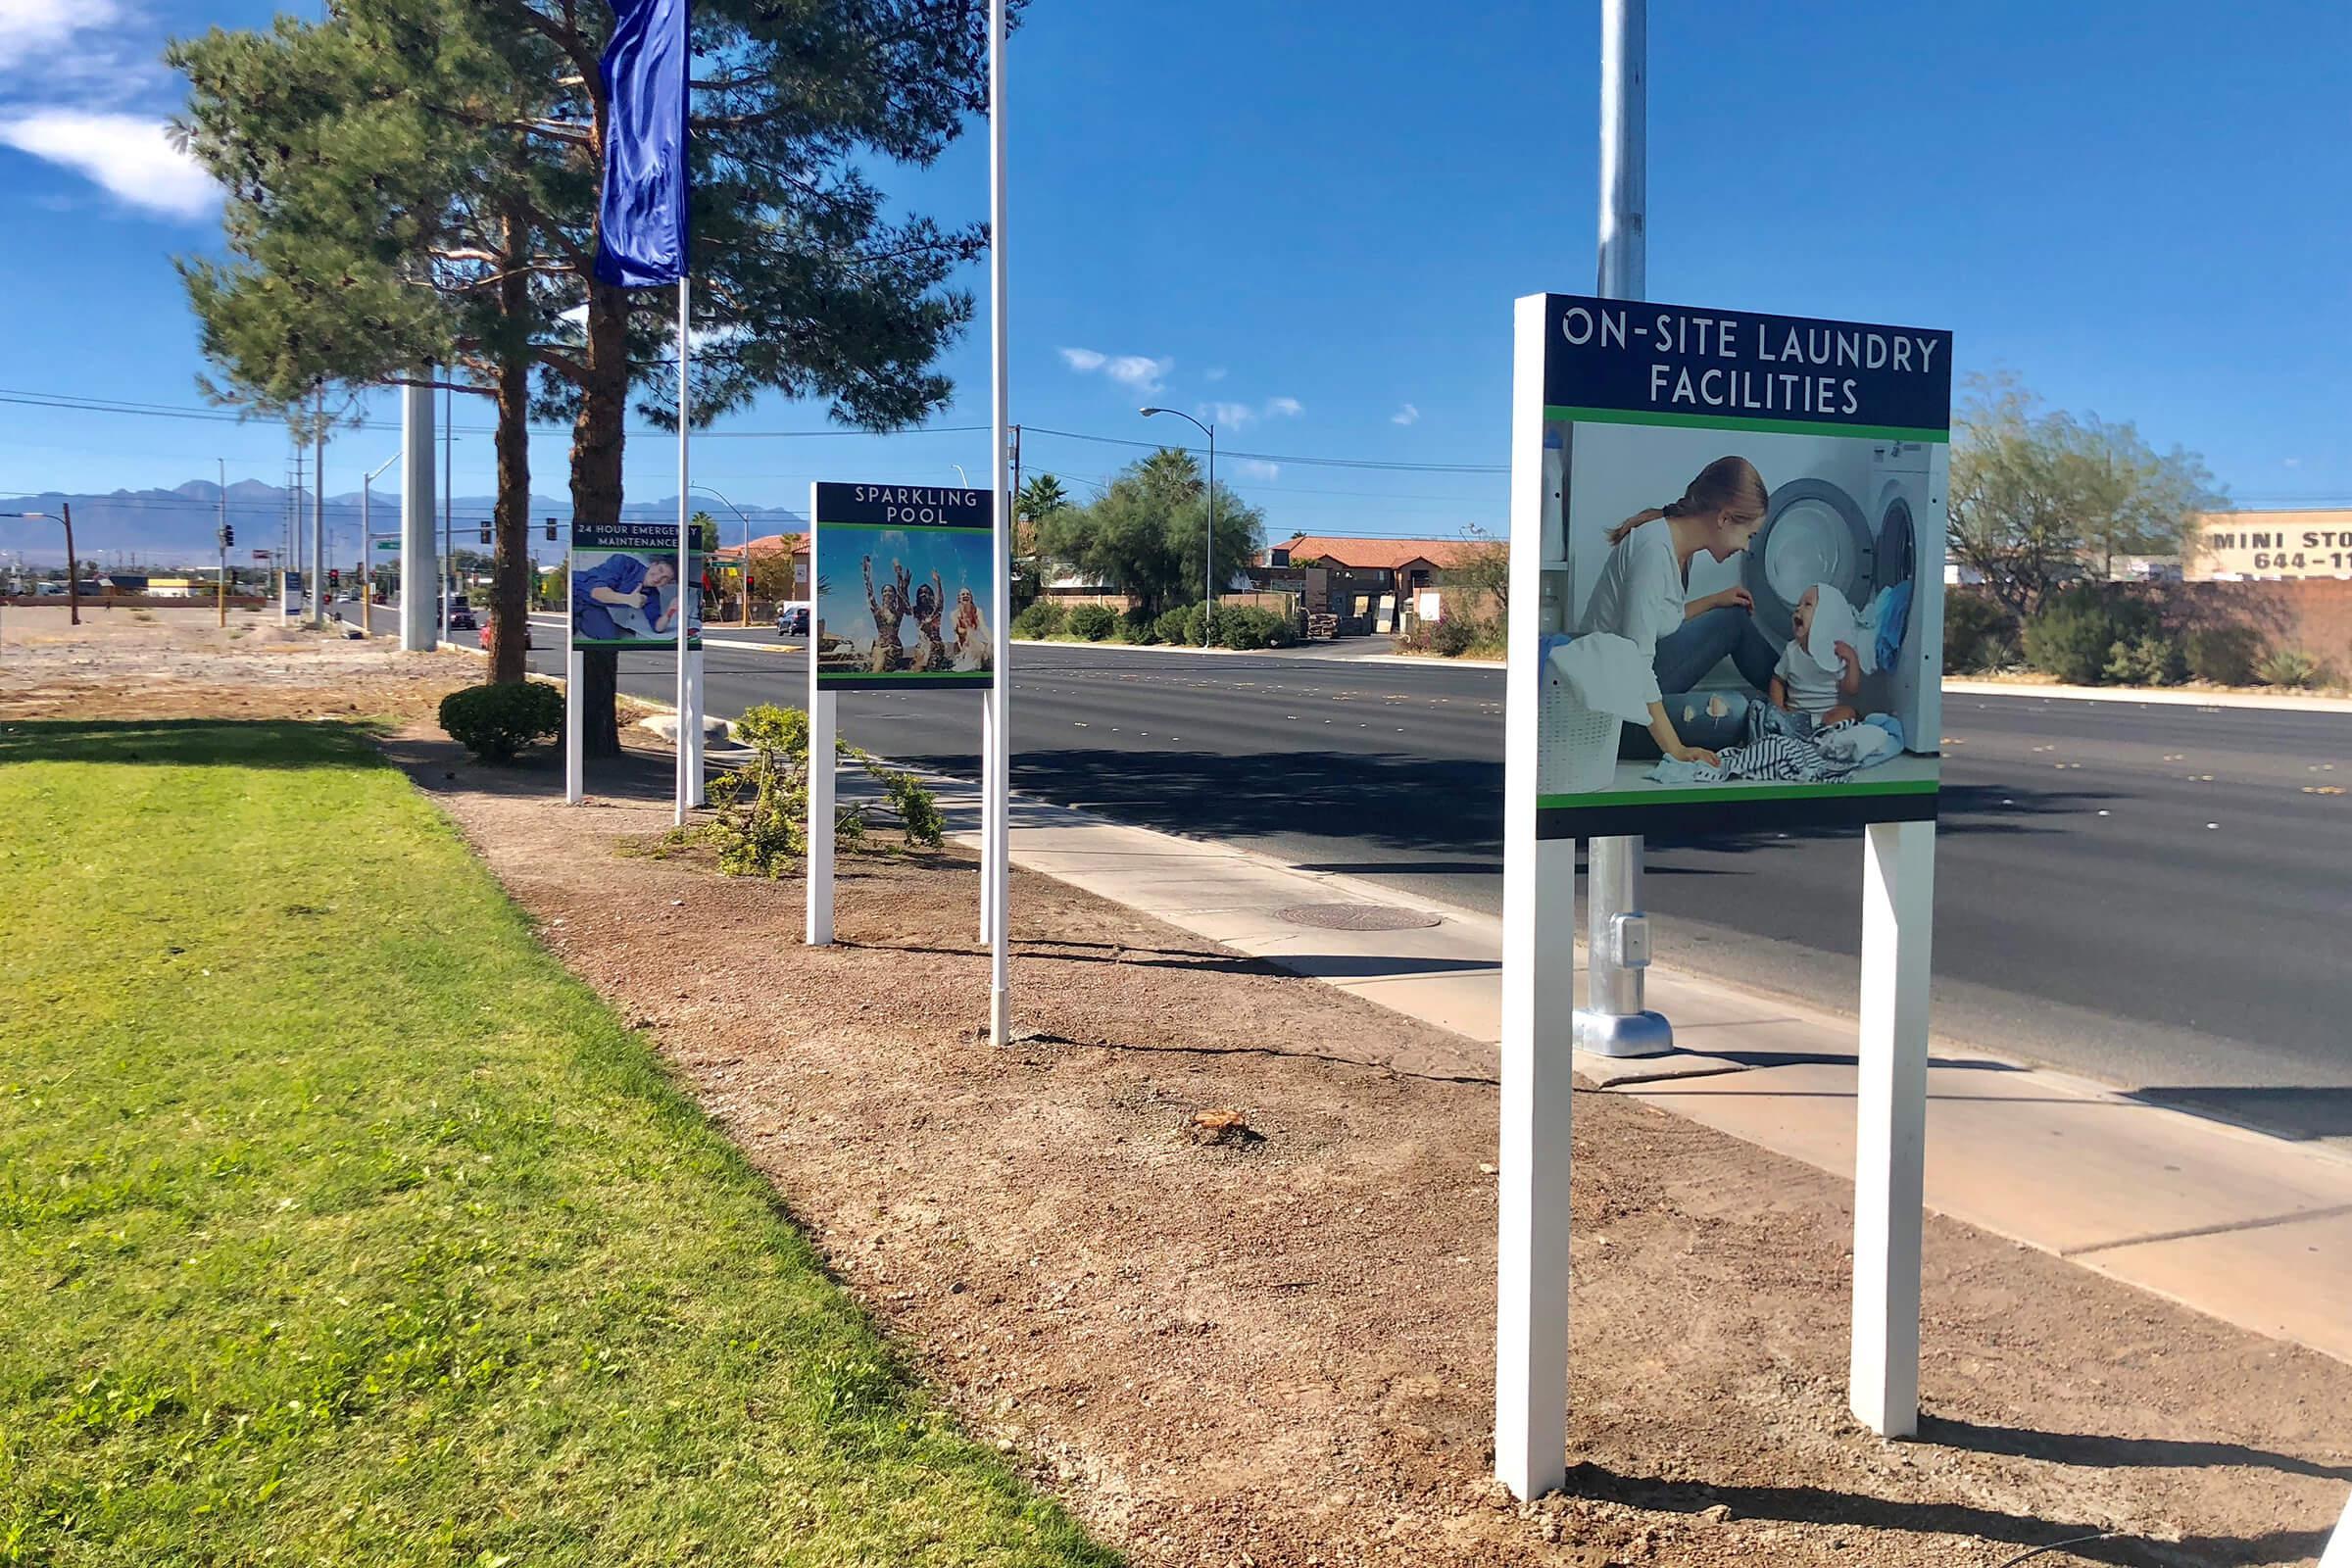 MARKETING SIGNS FOR LAS BRISAS DE CHEYENNE IN LAS VEGAS, NEVADA